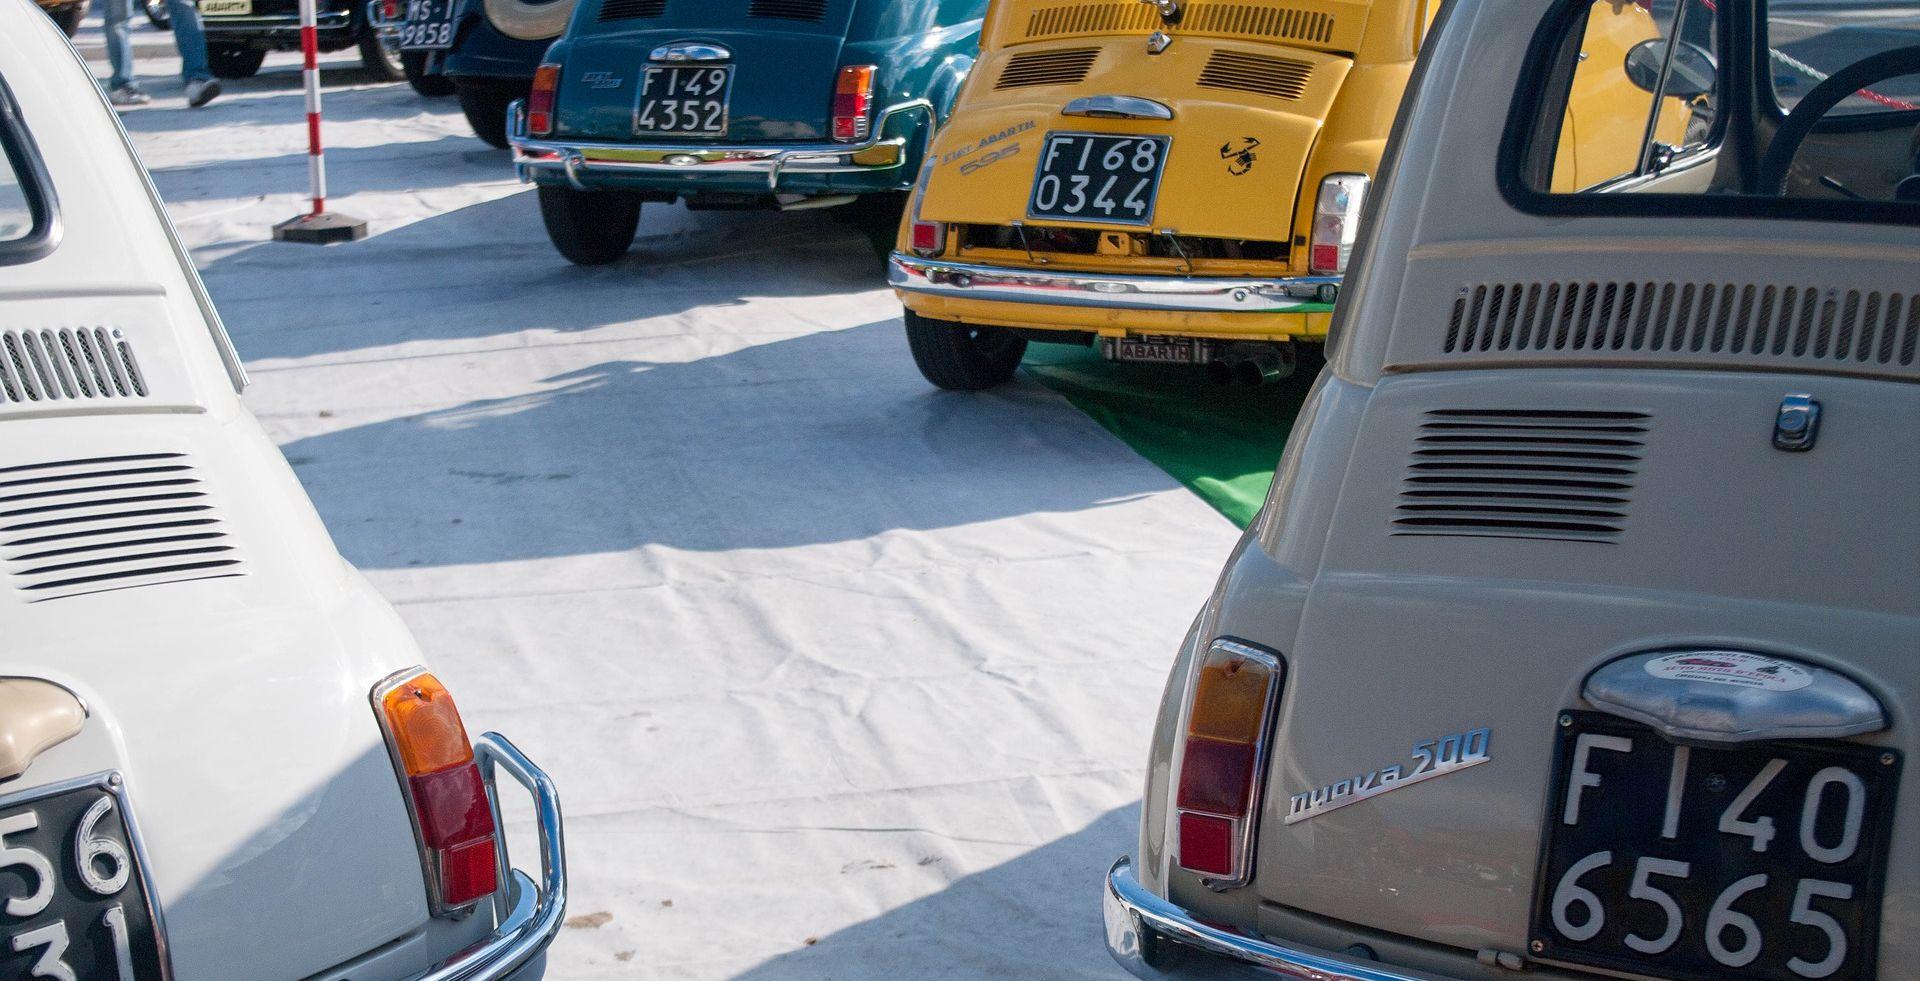 Slavni Fiat 500 ulazi u njujorški Muzej moderne umjetnosti